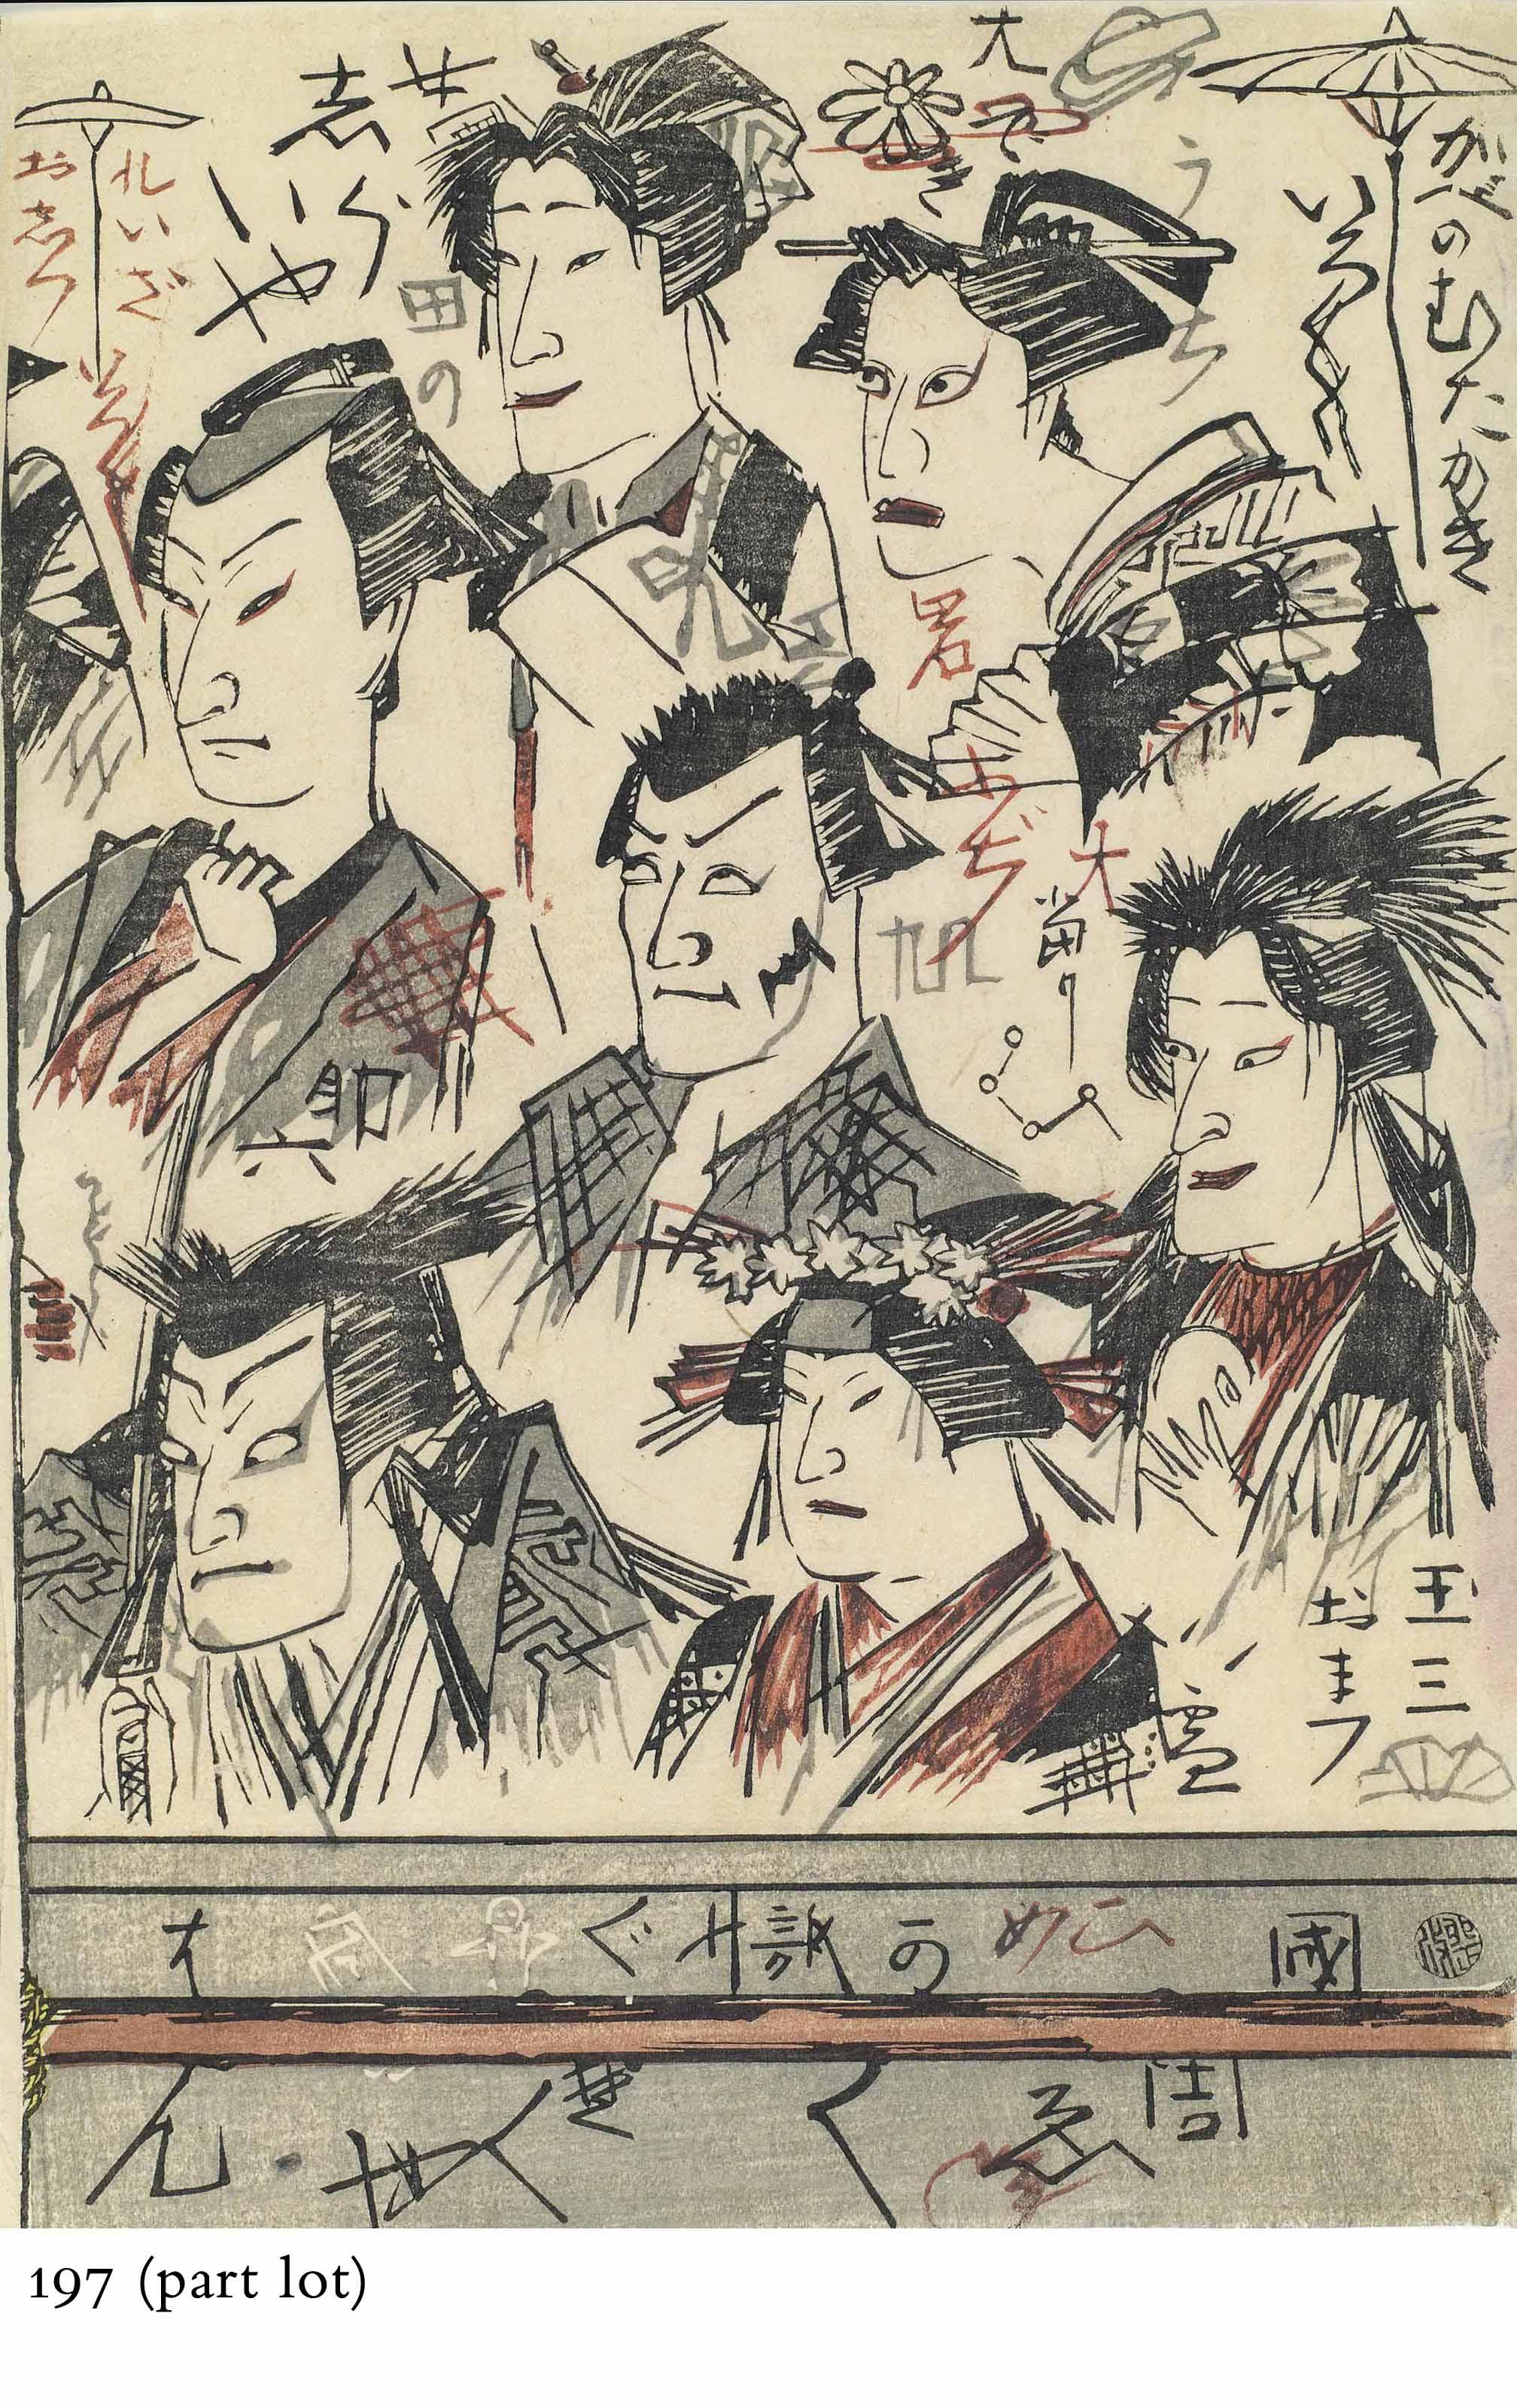 TOYOHARA KUNICHIKA (1835 -1900), UTAGAWA KUNISADA II (1823-1880) AND OTHERS